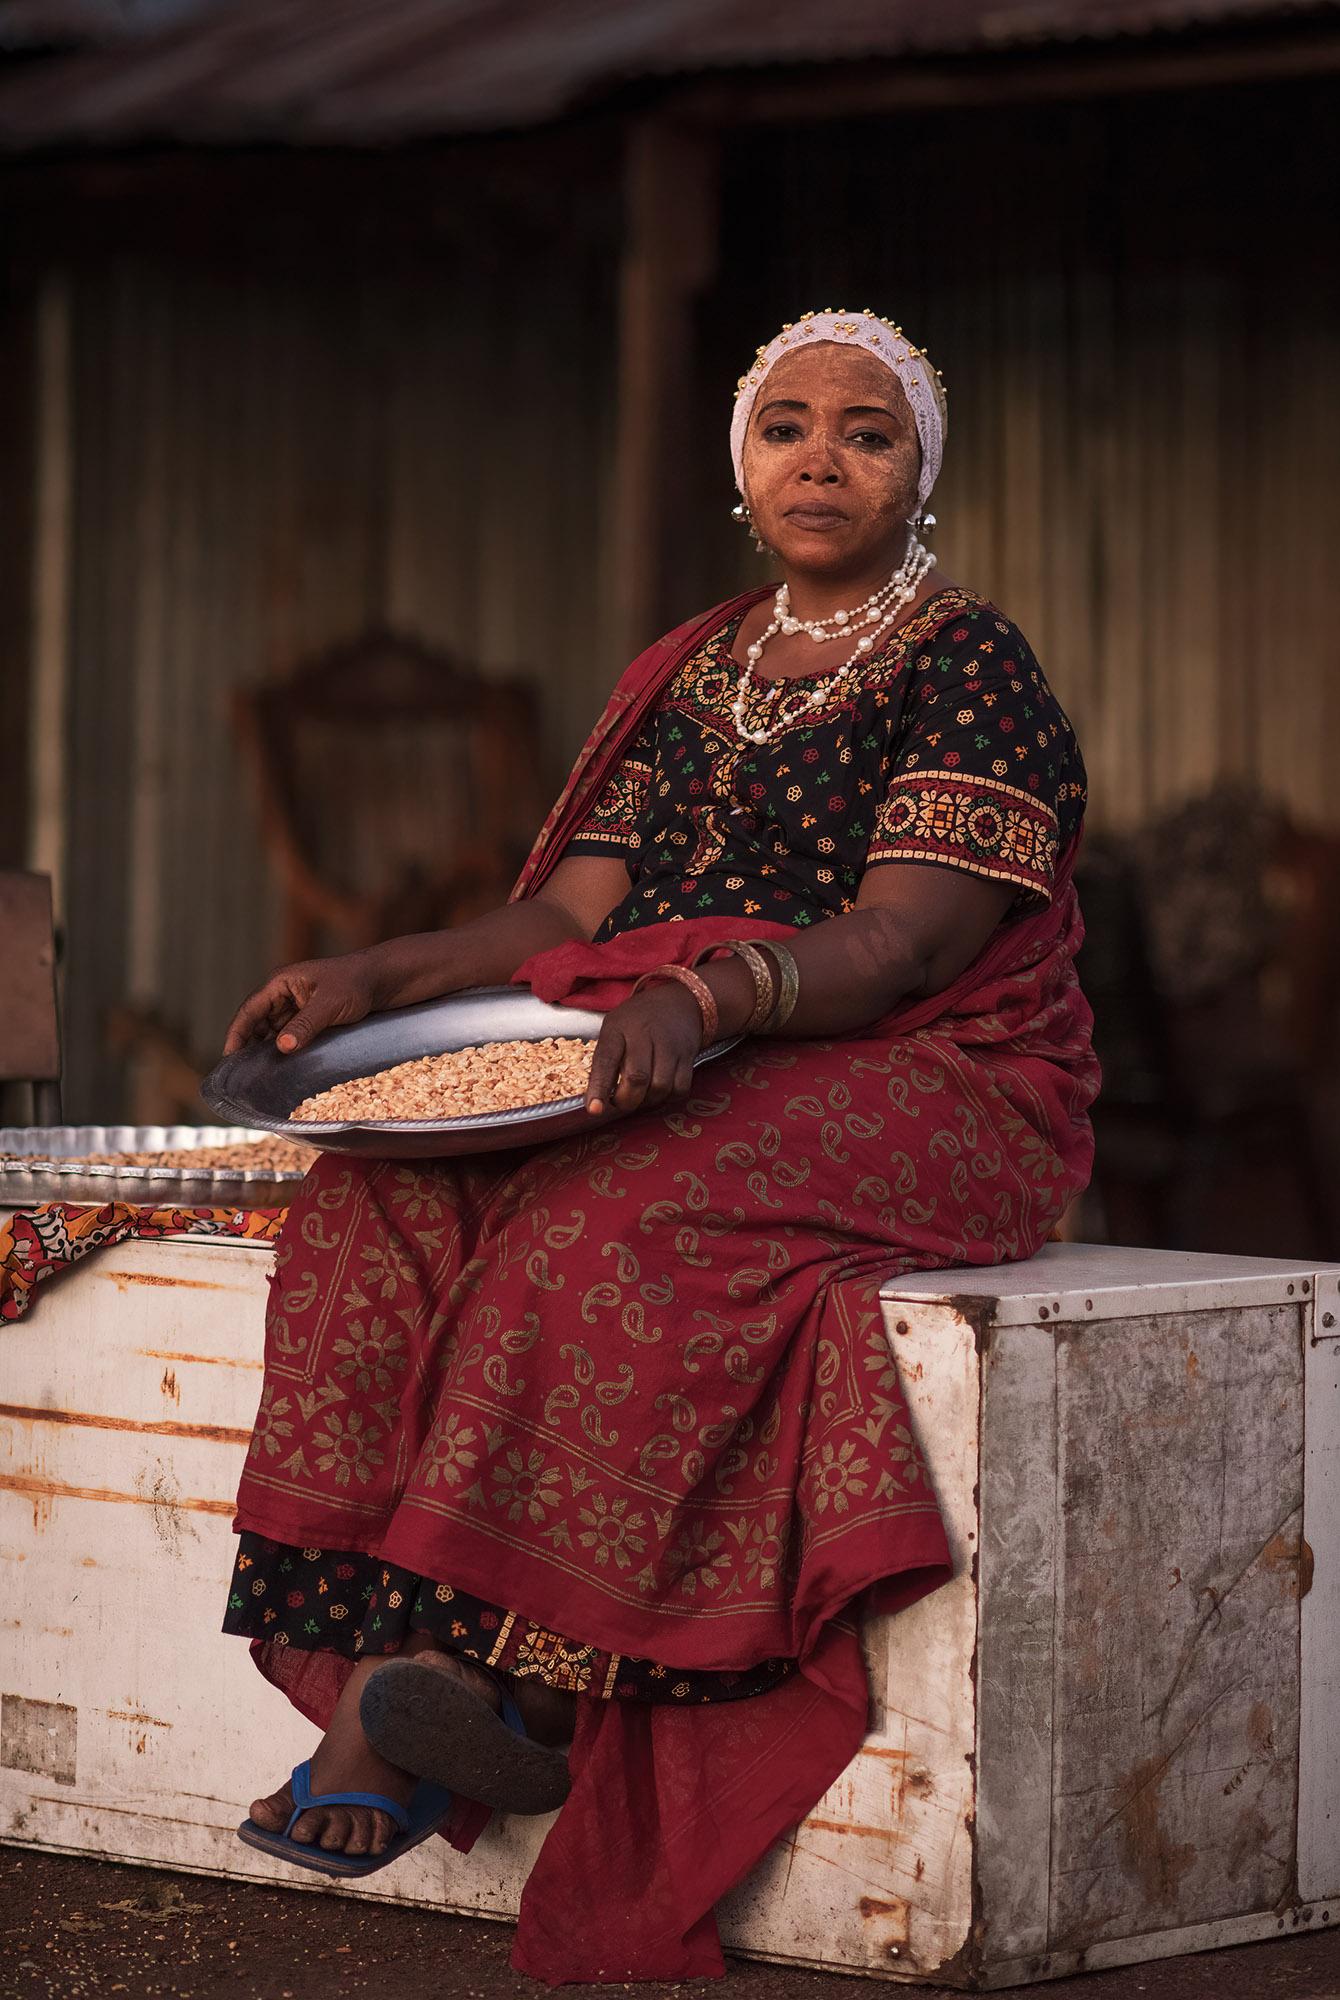 Photographie de voyage et portrait d'une femme aux Comores par Djamil Kemal